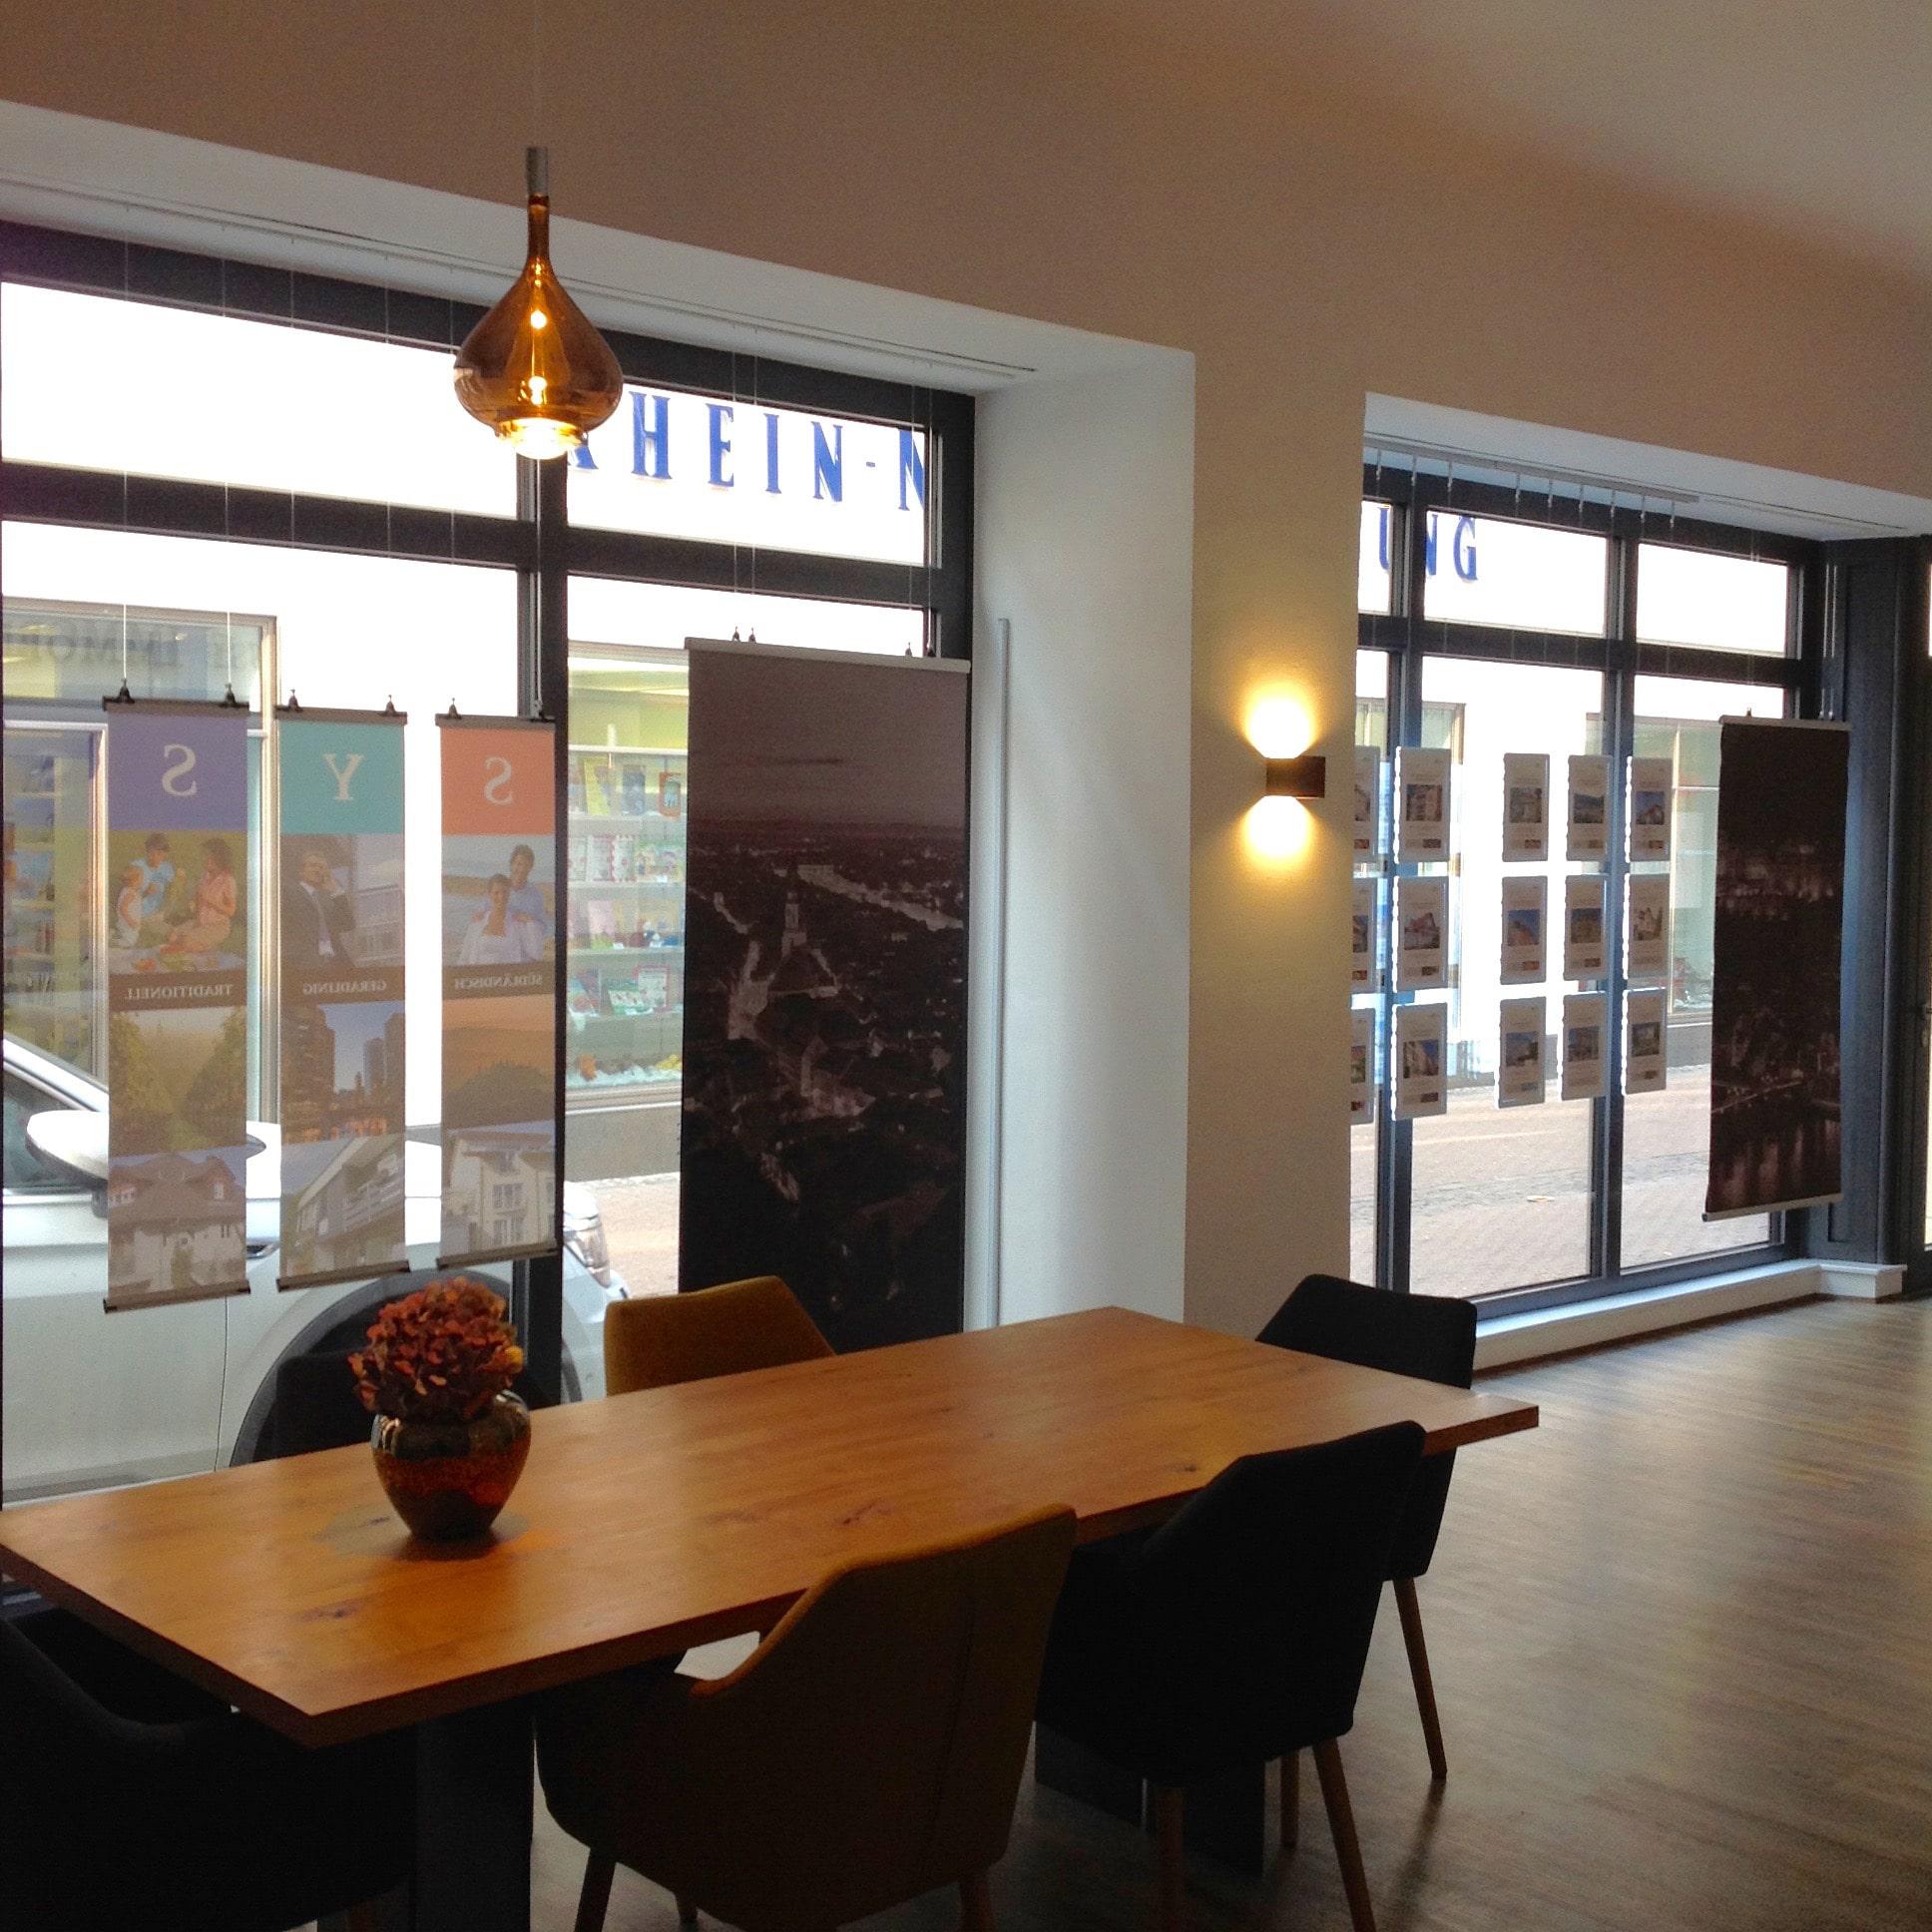 Inneneinrichtung - Büroeinneneinrichtung Mannheim, Heidelberg - Gaffga Interieur Design. Planung und Ausführung - Lichtplanung - Möbel auf Maß.